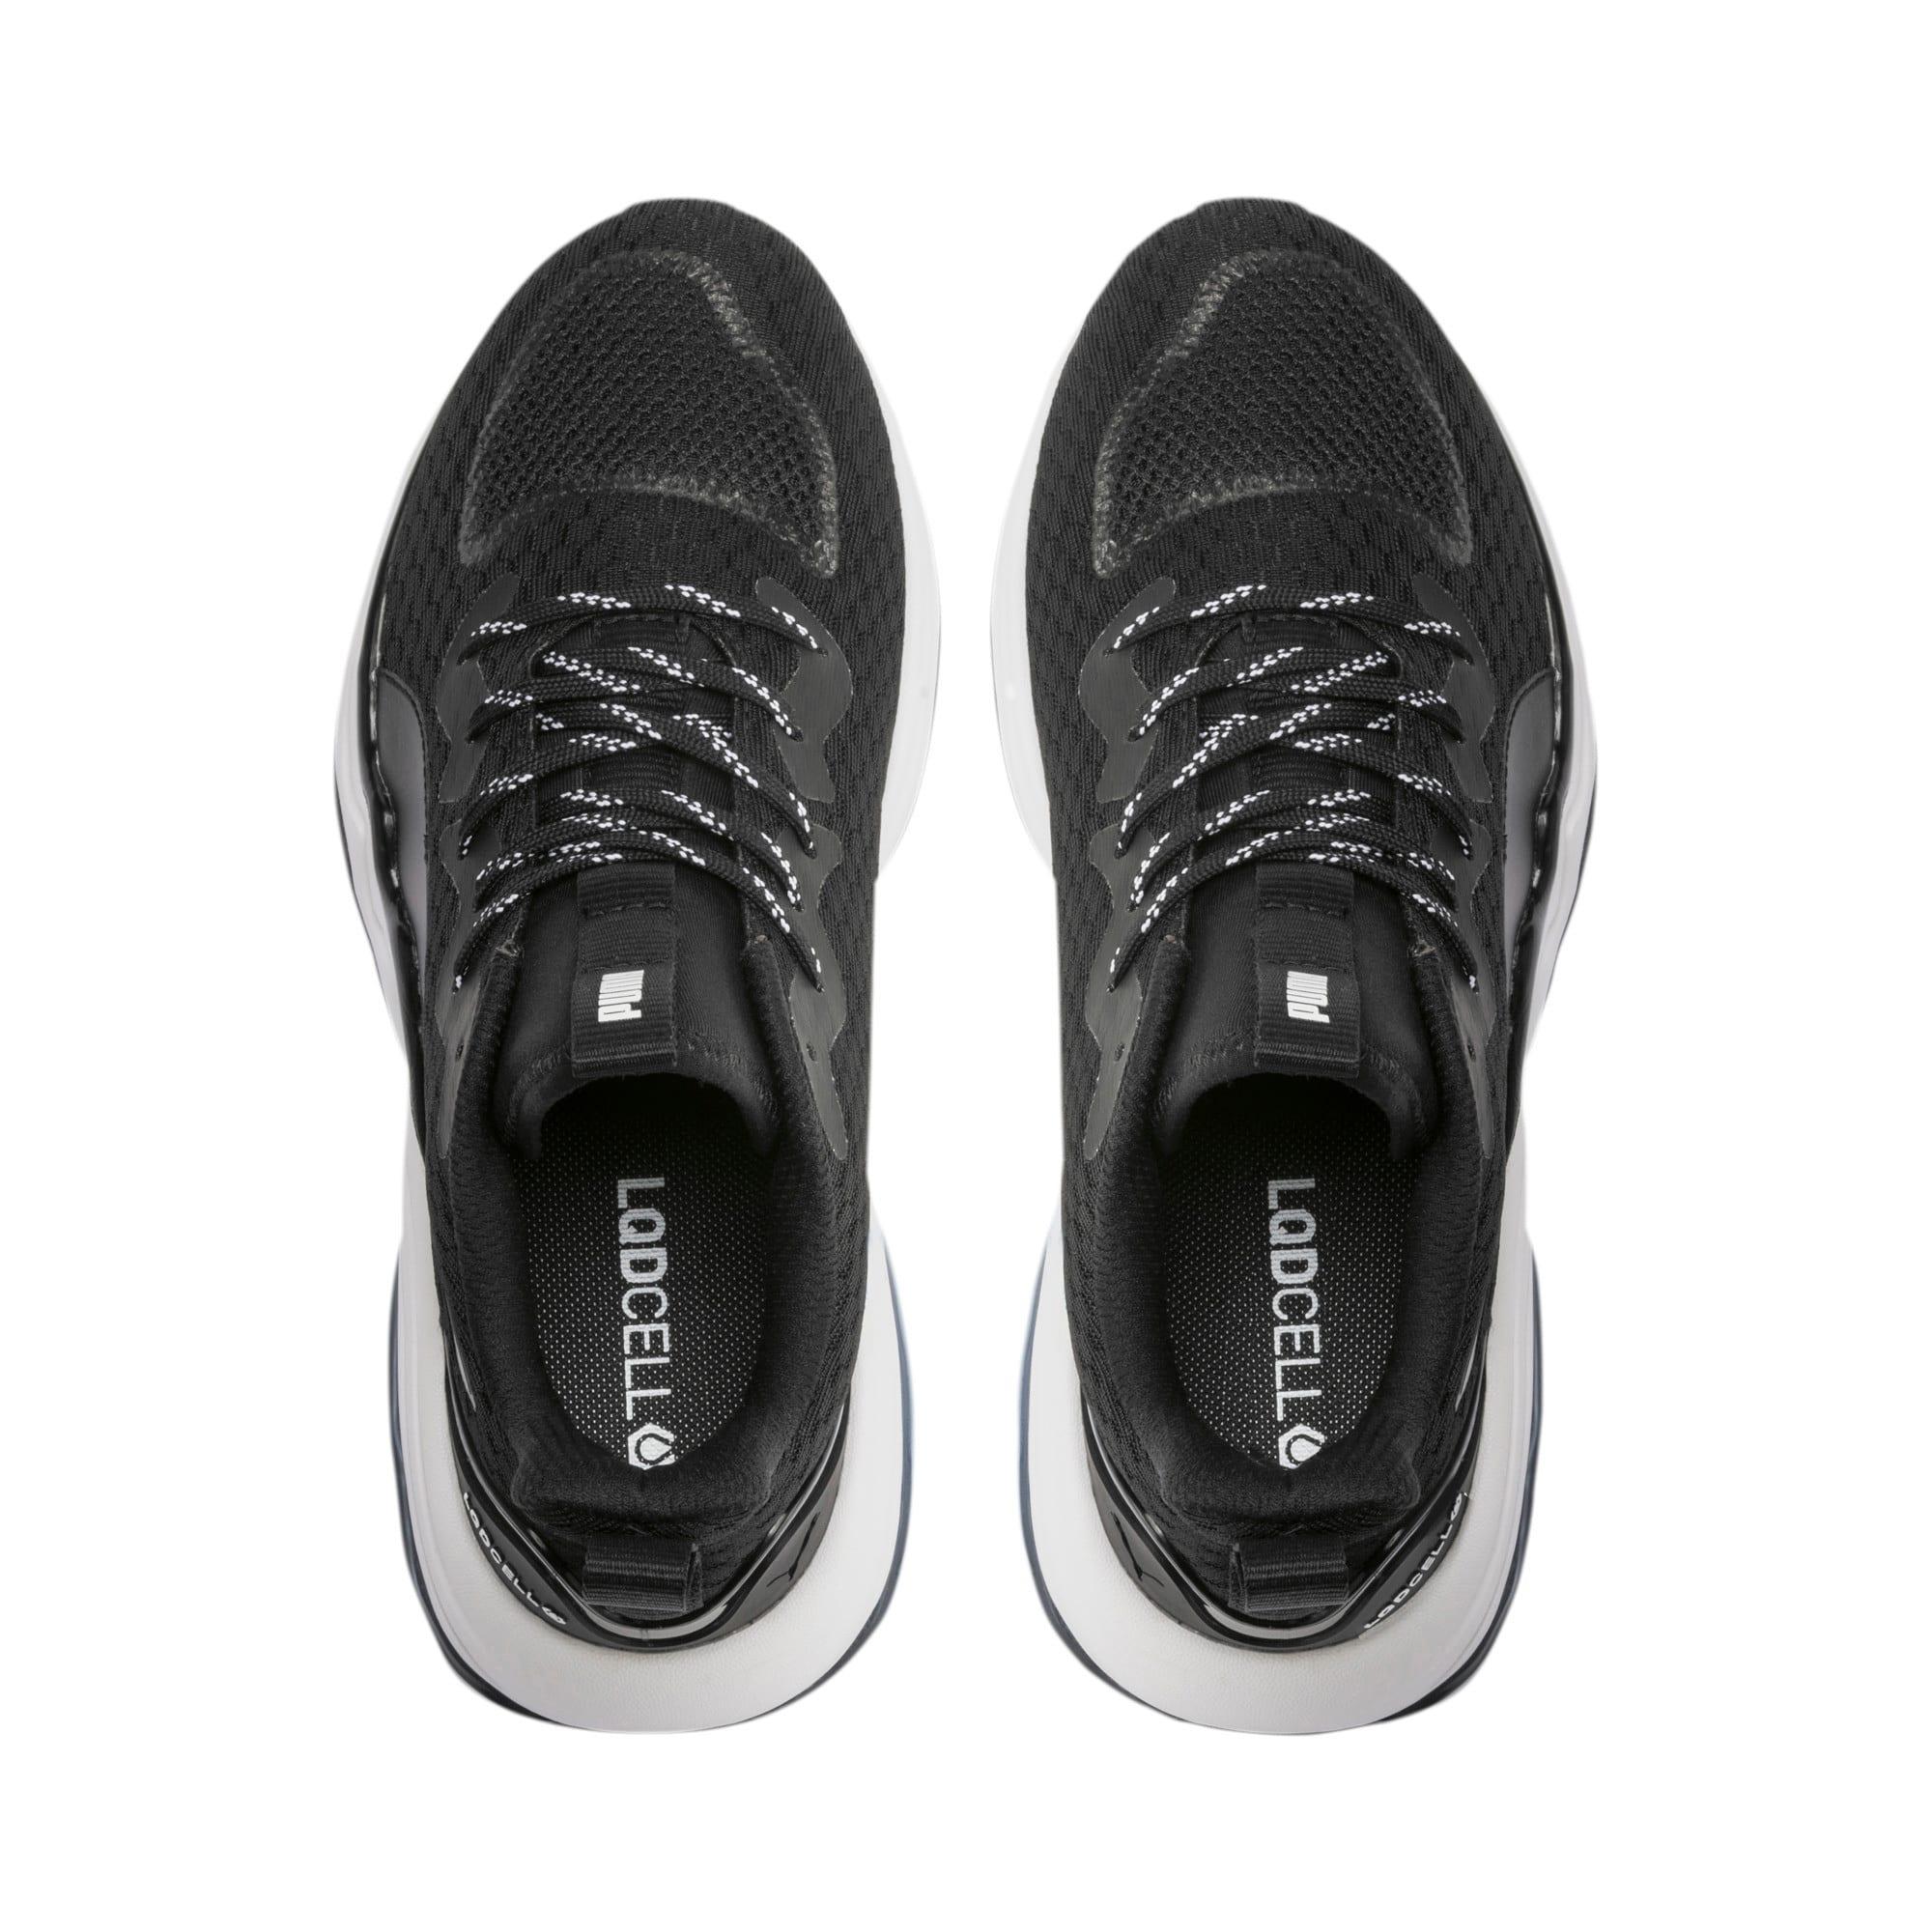 Thumbnail 6 of LQDCELL Tension Training Shoes JR, Puma Black-Puma White, medium